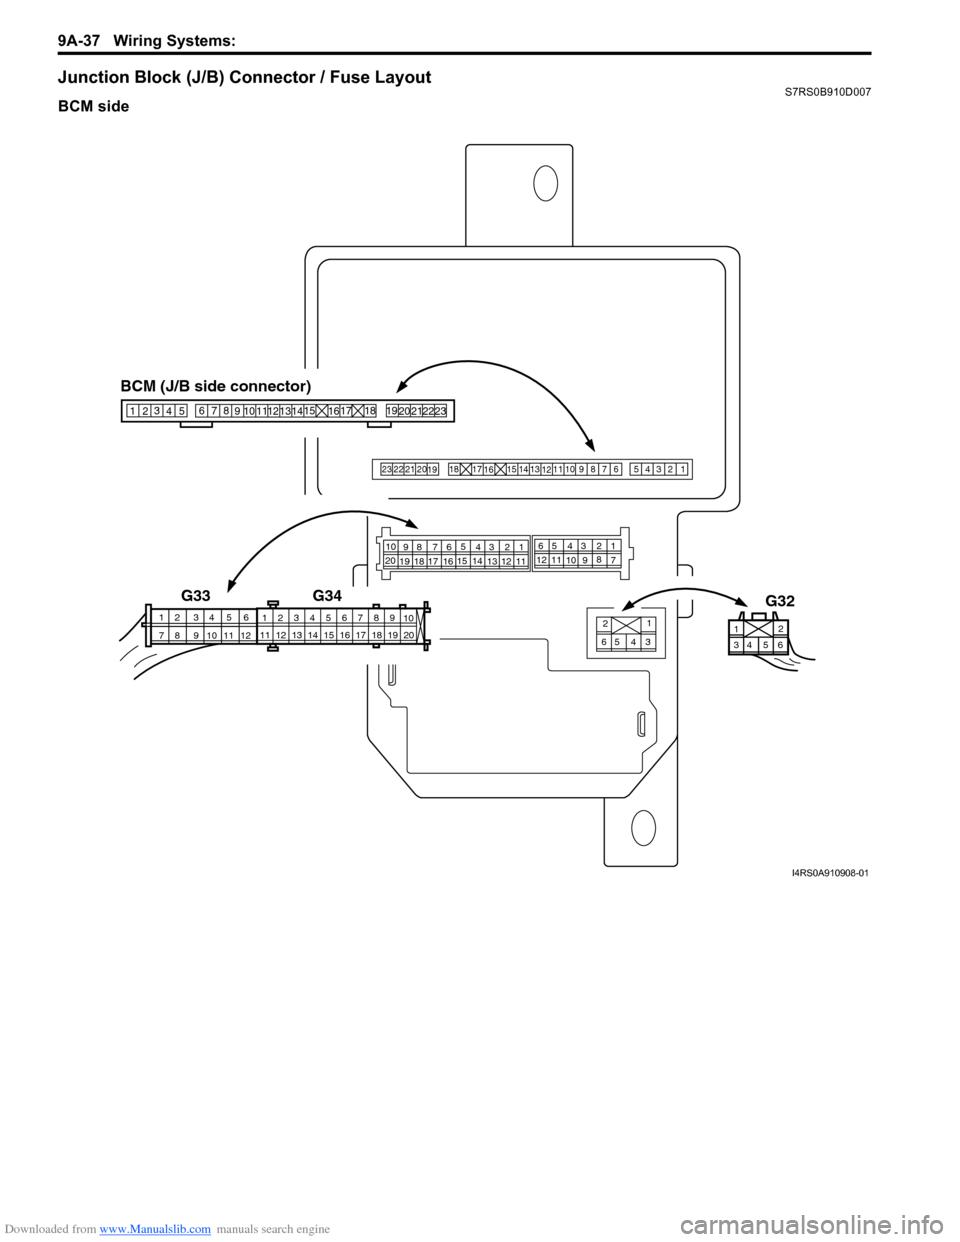 SUZUKI SWIFT 2005 2.G Service Workshop Manual, Page 1208